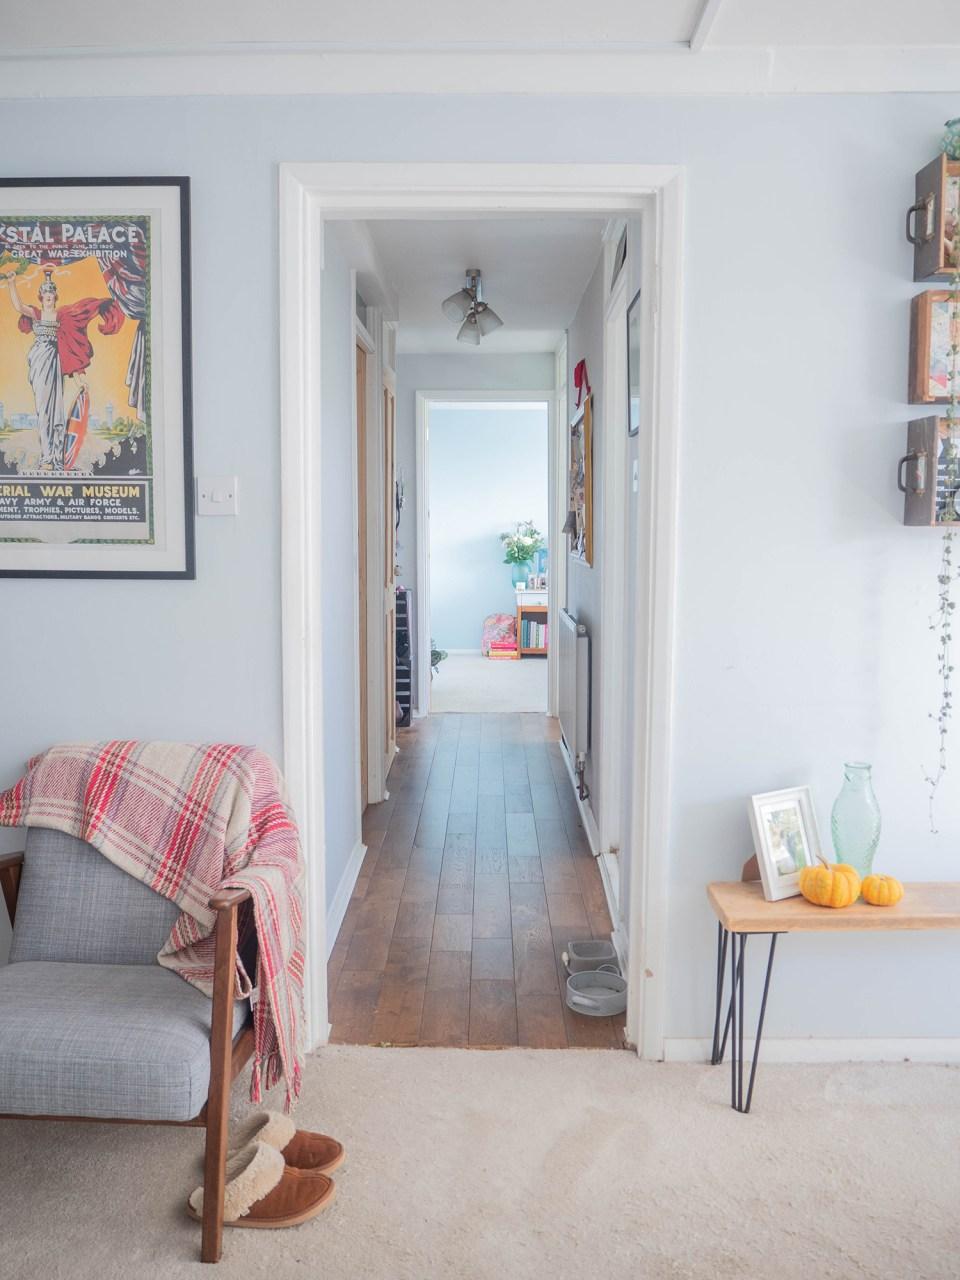 gray hallway with wooden floor leading to bedroom